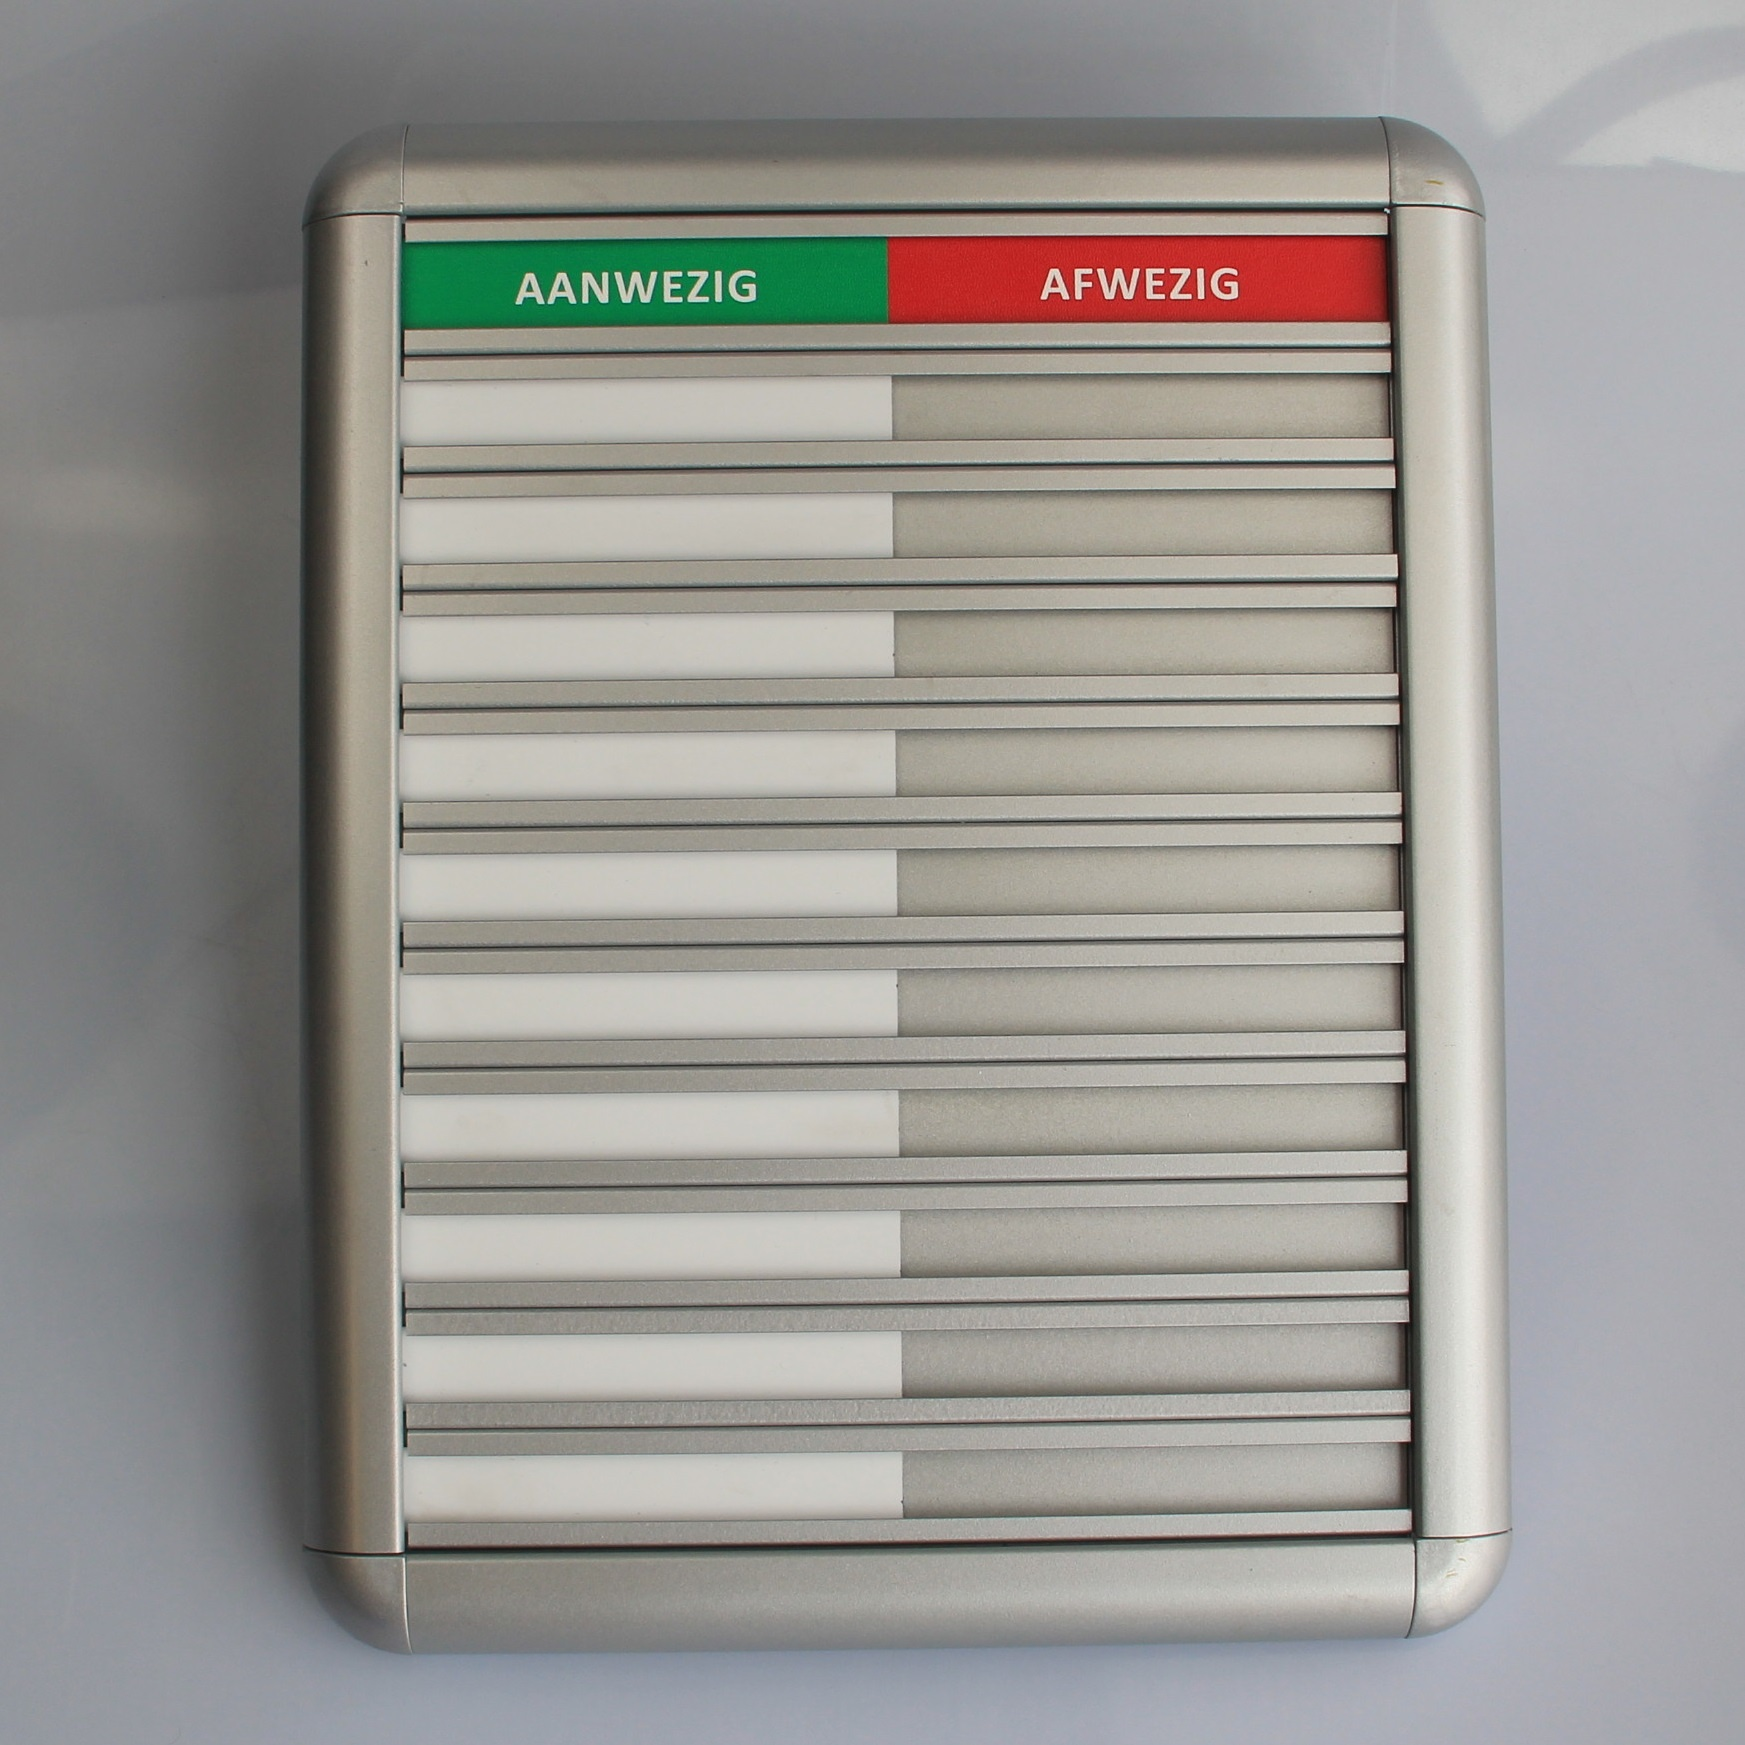 CombiCraft Aluminium Aanwezigheidsbord - Afwezigheidsbord voor 10 personen